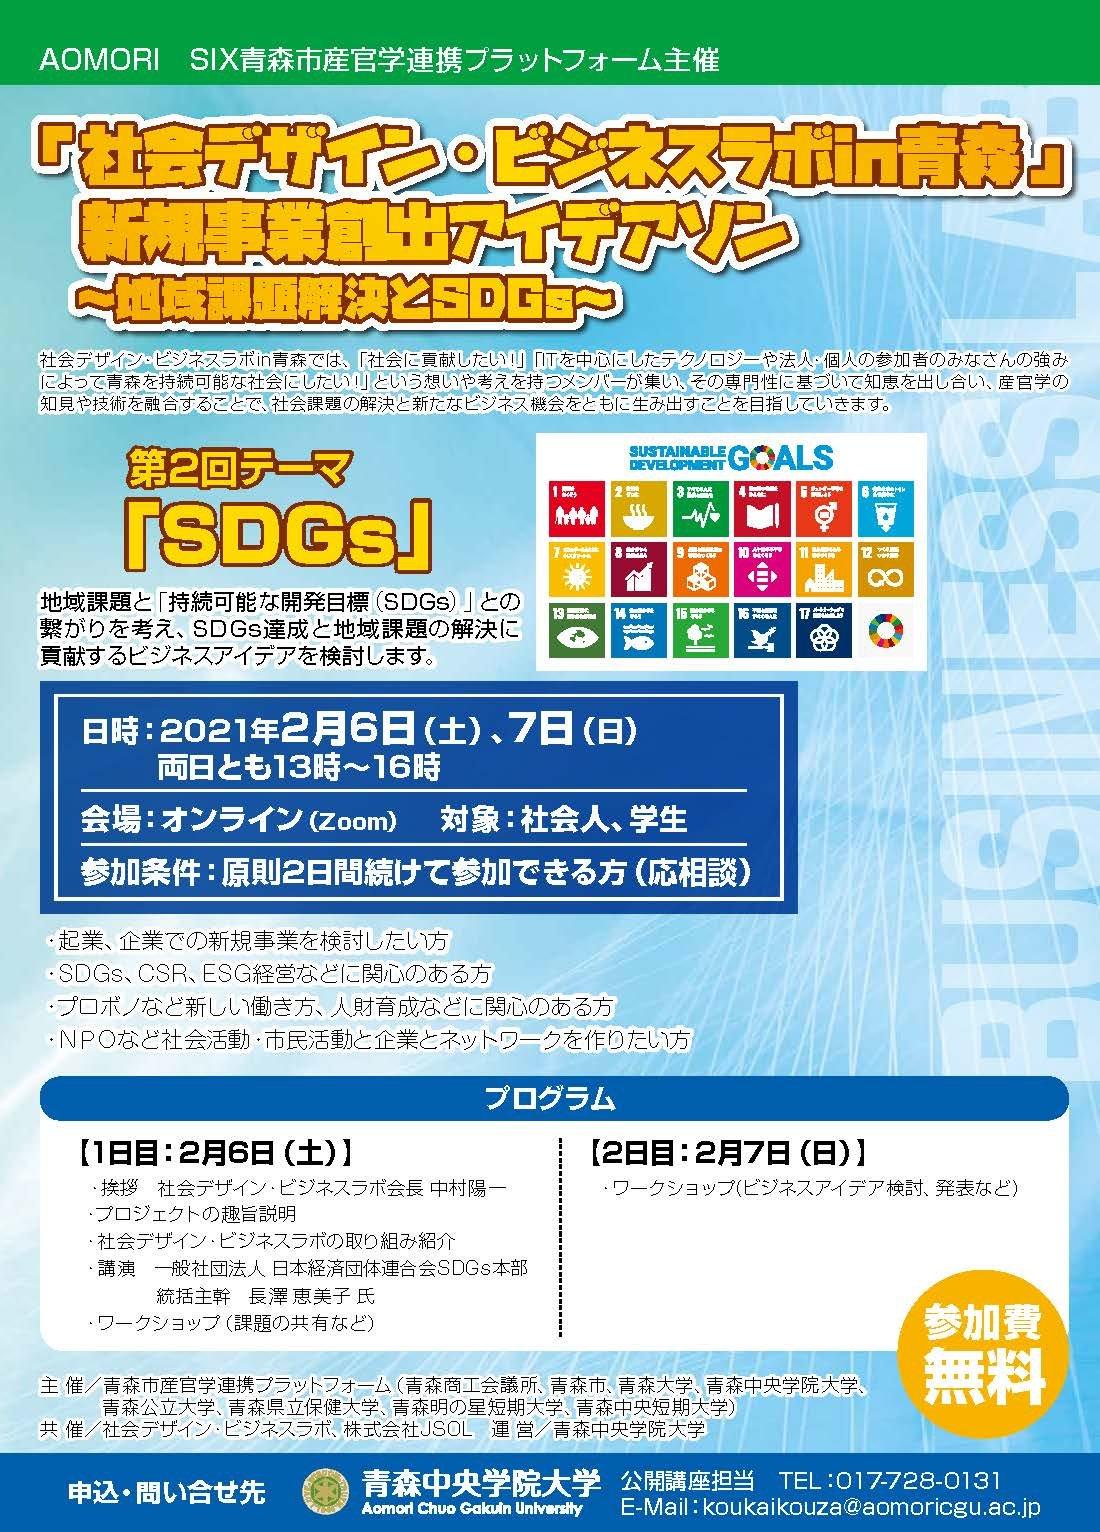 第2回「社会デザイン・ビジネスラボ in 青森」開催(2021/2/6・7)のお知らせ